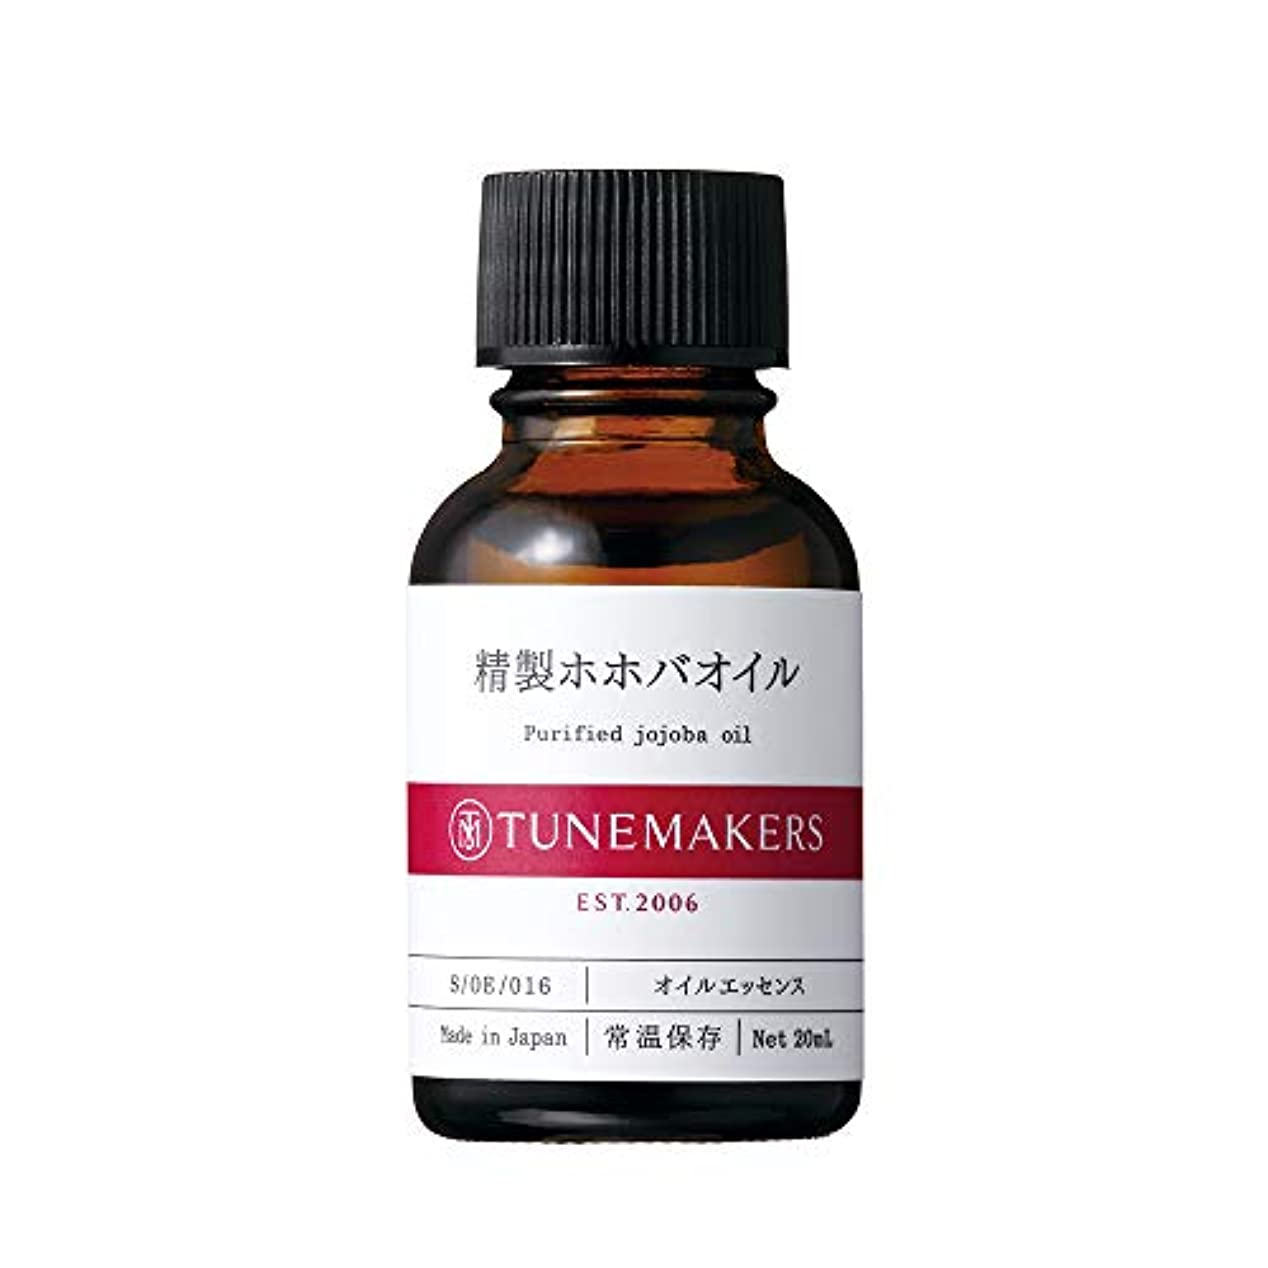 悔い改める小説告白するTUNEMAKERS(チューンメーカーズ) 精製ホホバオイル 美容液 20ml